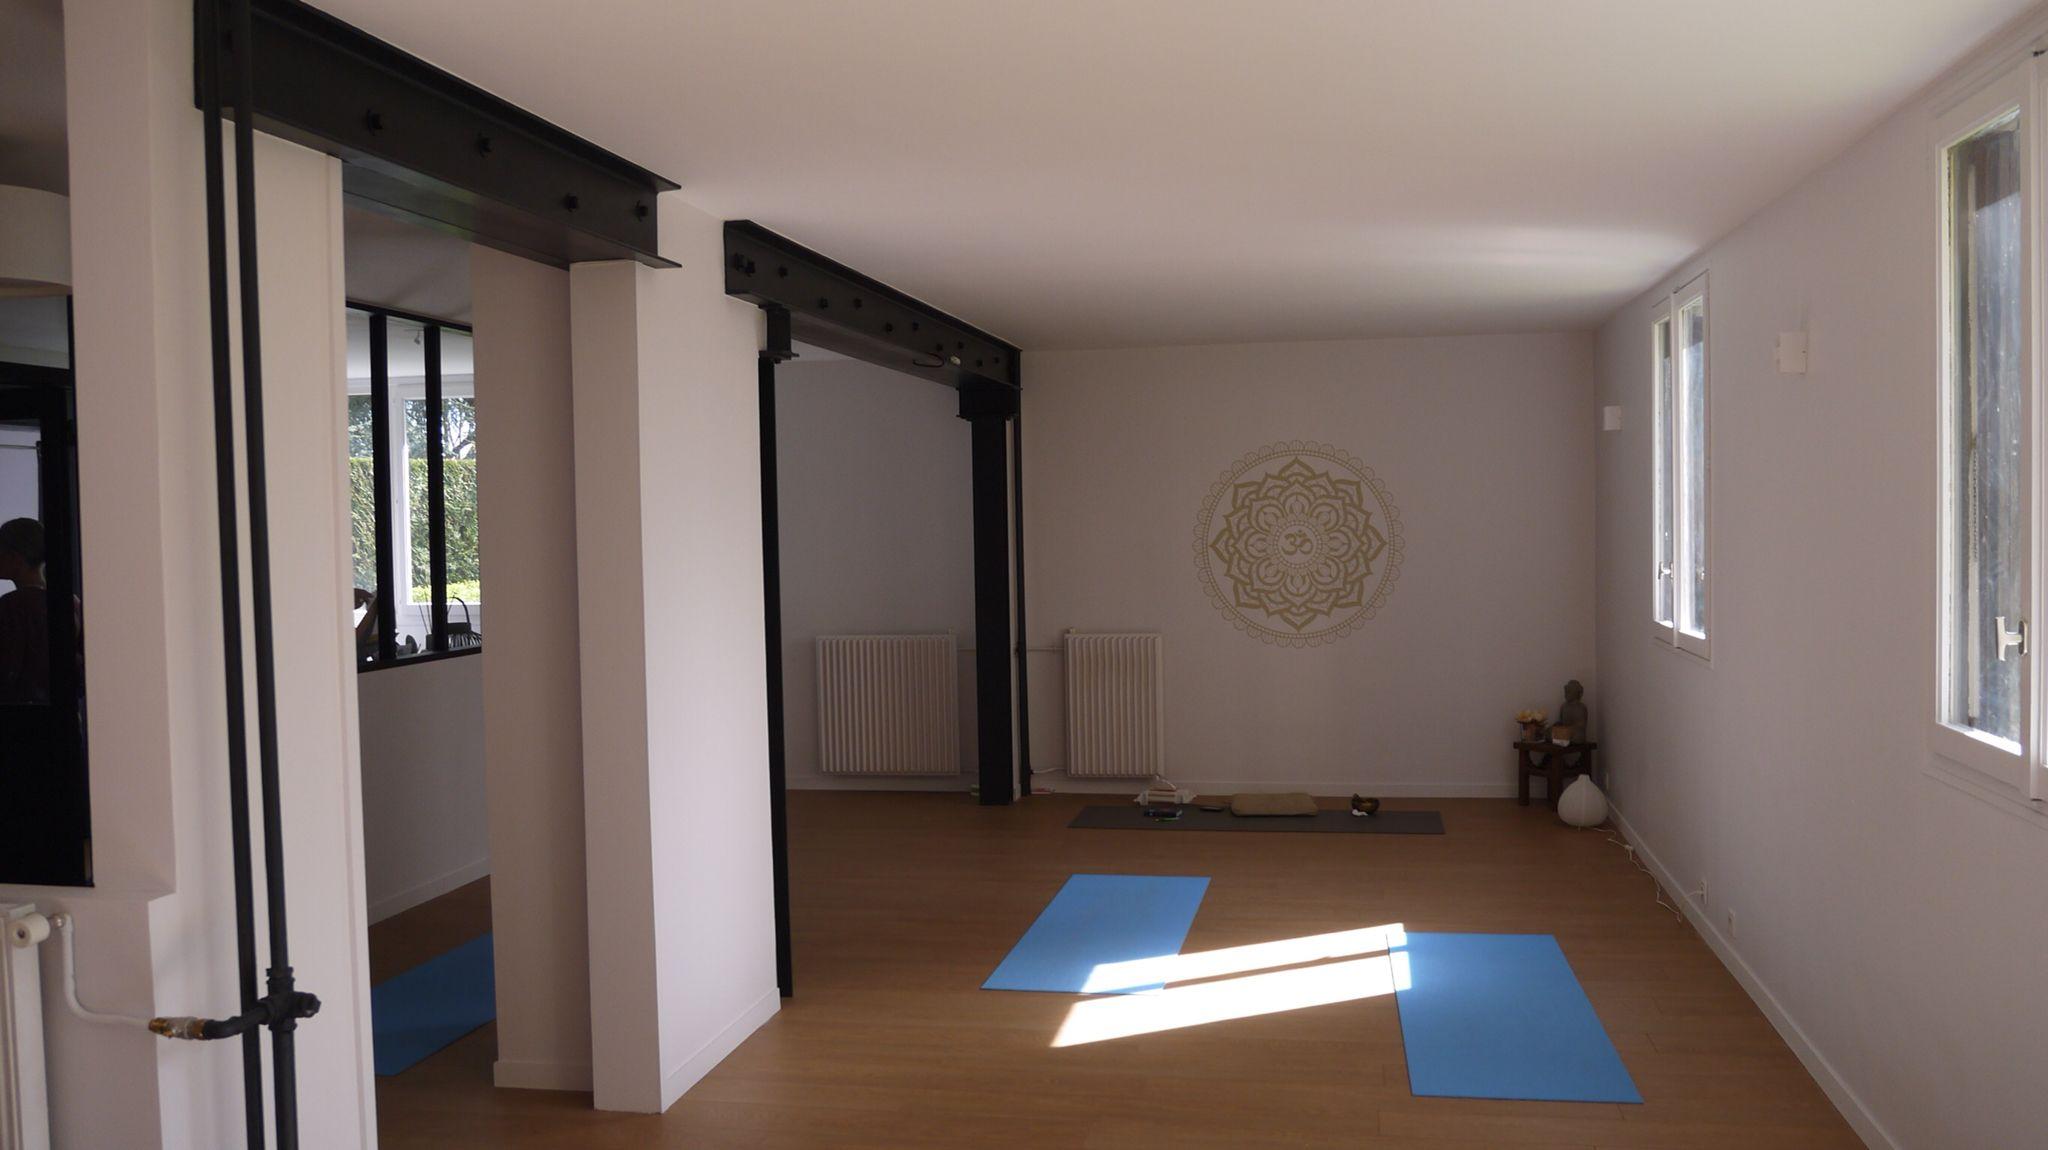 Ouvertures Dans Un Mur Porteur Salle De Yoga Rambouillet Architecte  Du0027intérieur Audrey Marquet